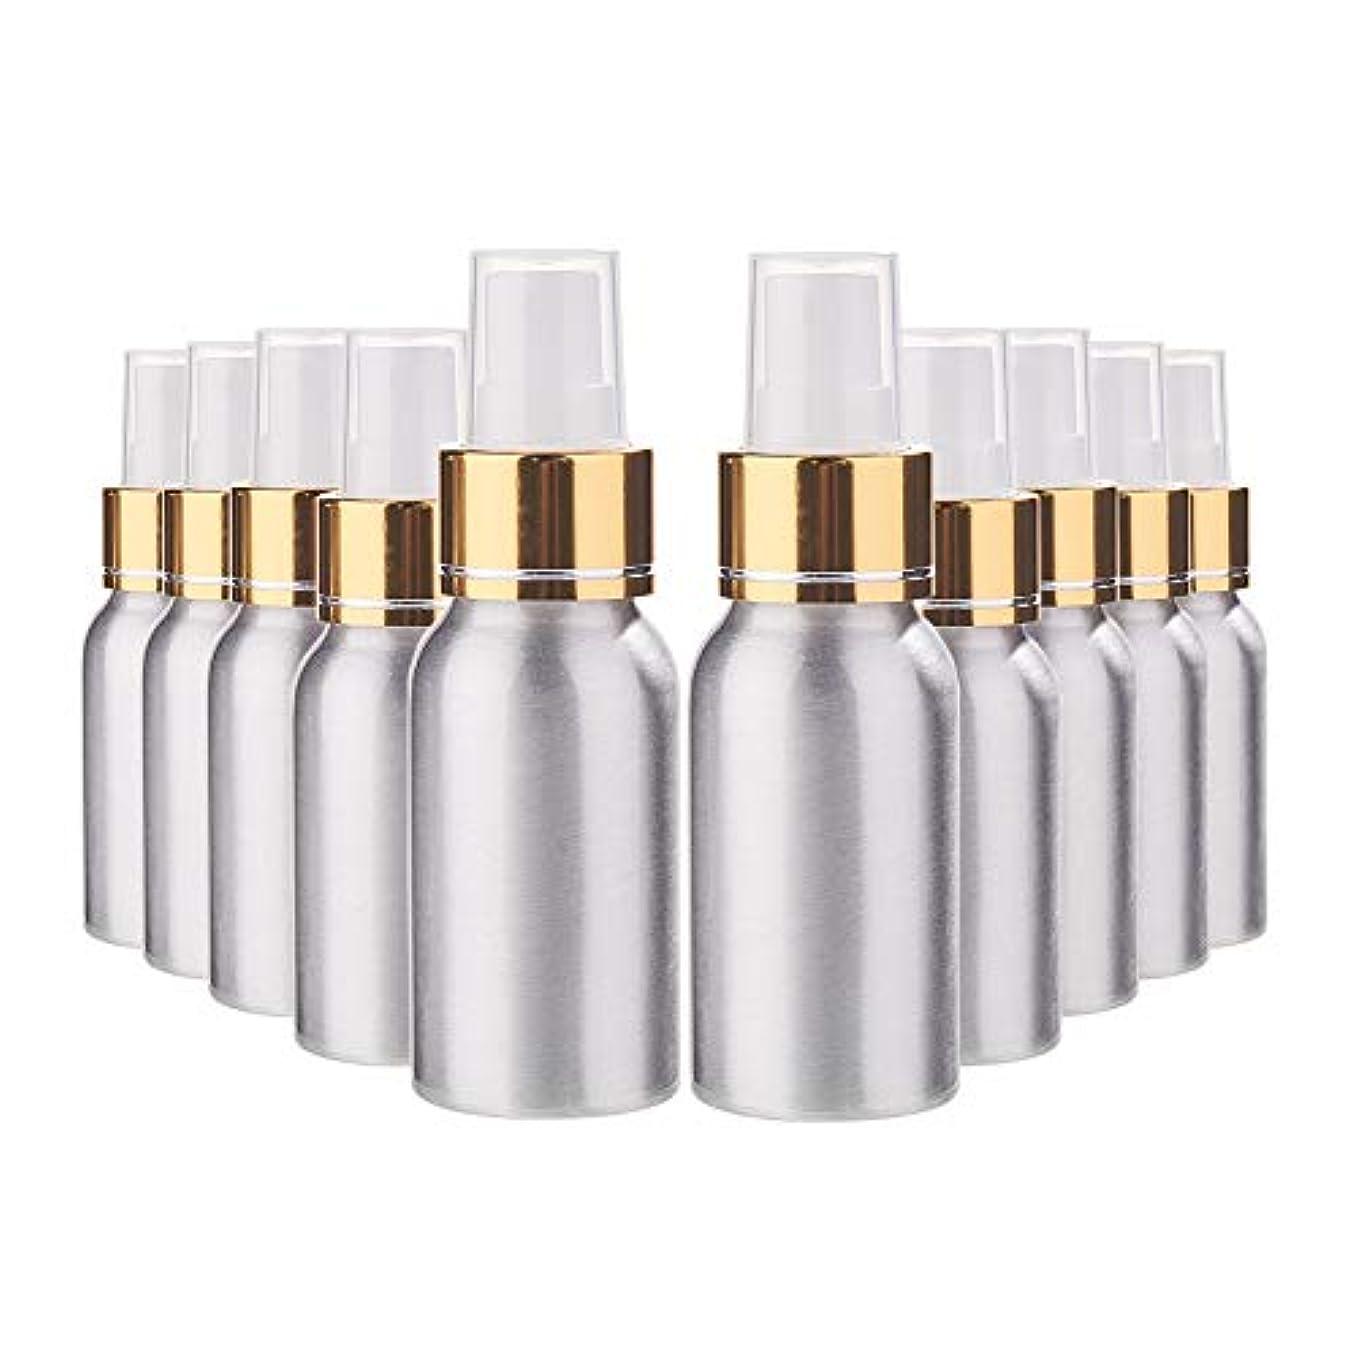 メニューハリケーン礼拝BENECREAT 10個セット50mlスプレーアルミボトル 空ボトル 極細のミスト 防錆 軽量 化粧品 香水 小分け 詰め替え